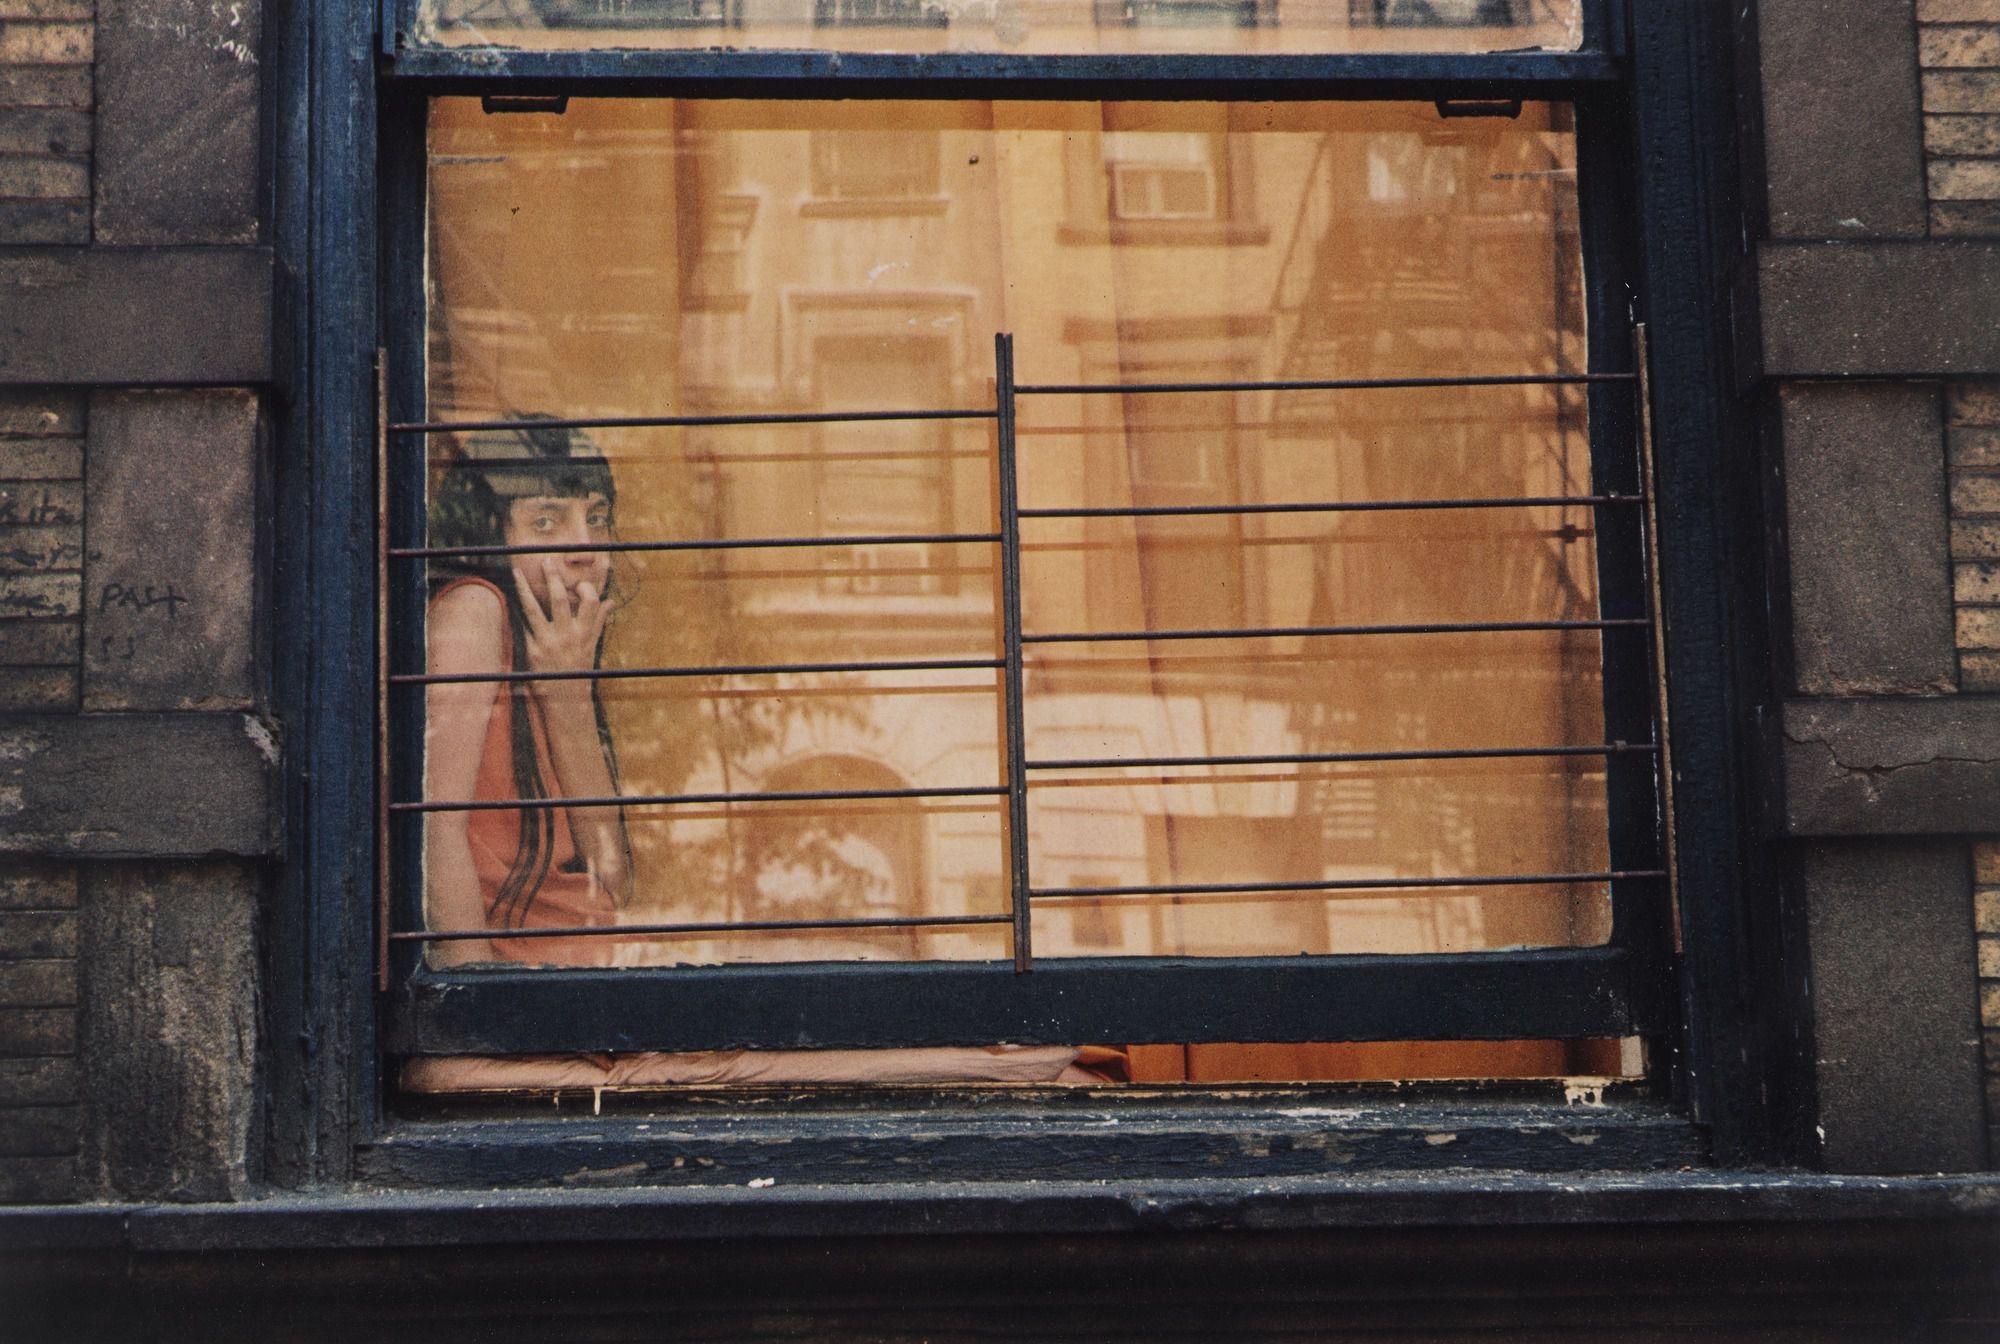 Helen Levitt New York (1971-74) ©MoMA, New York